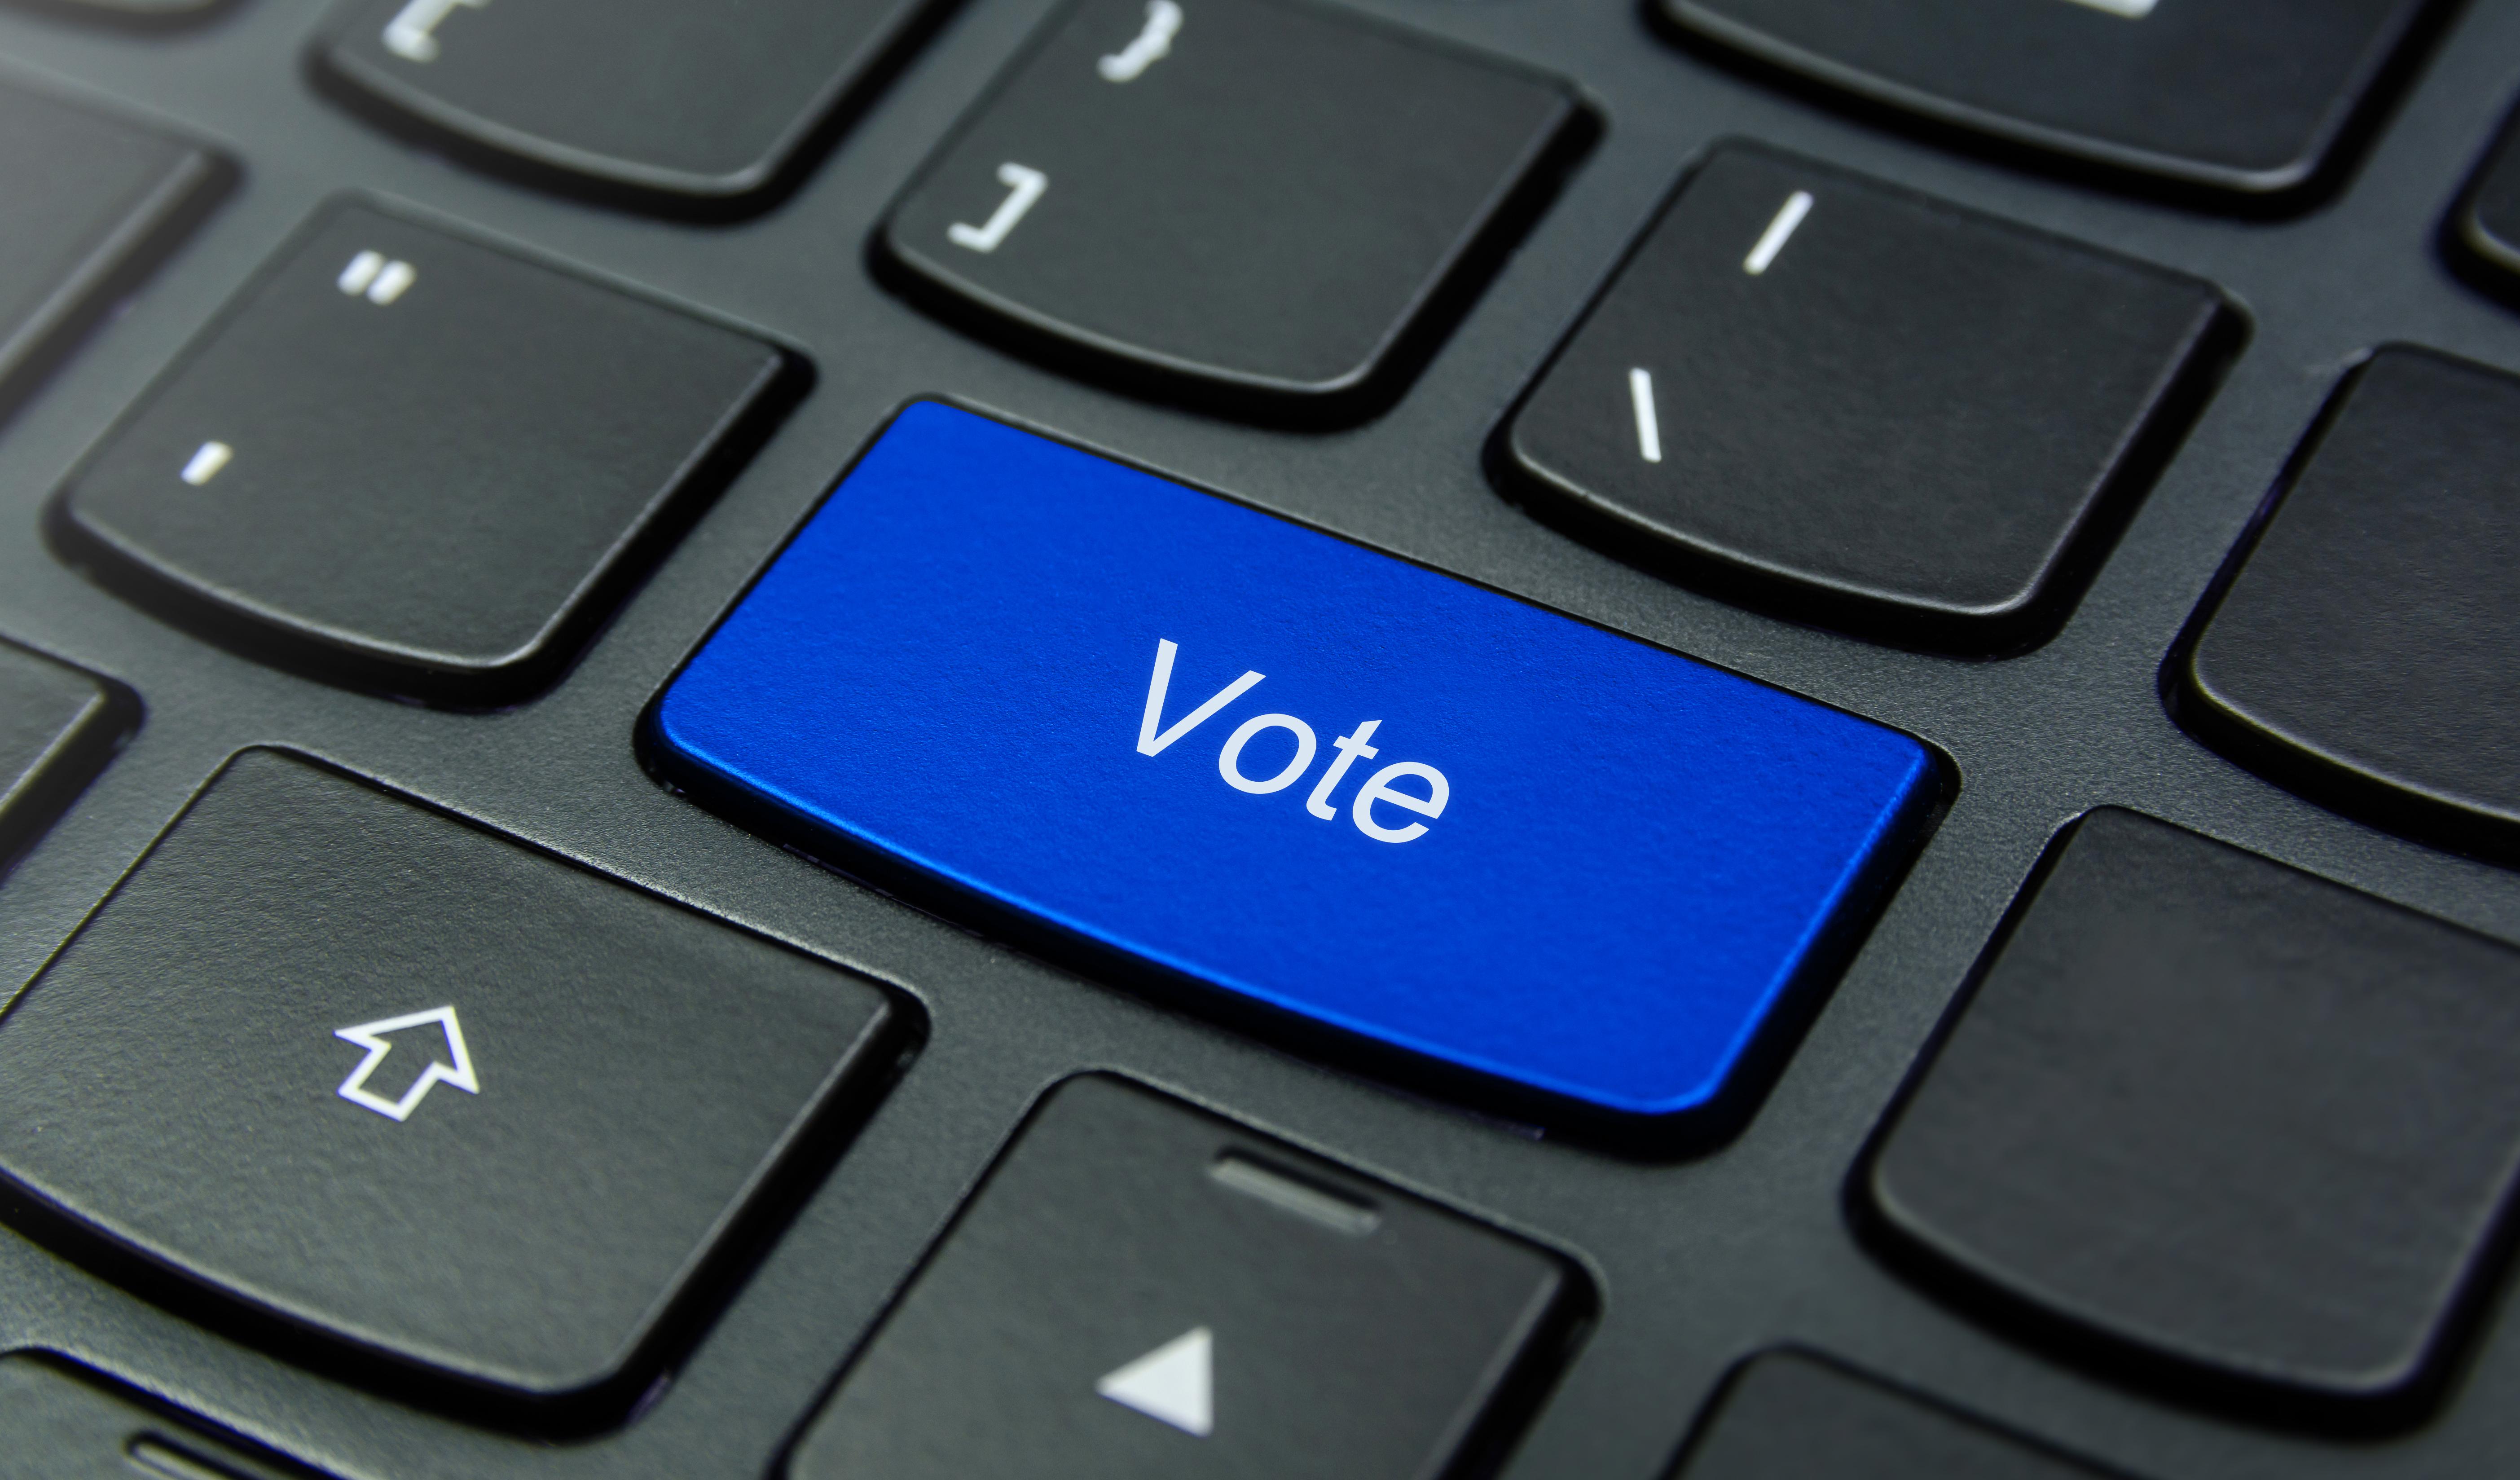 clic_vote.jpg